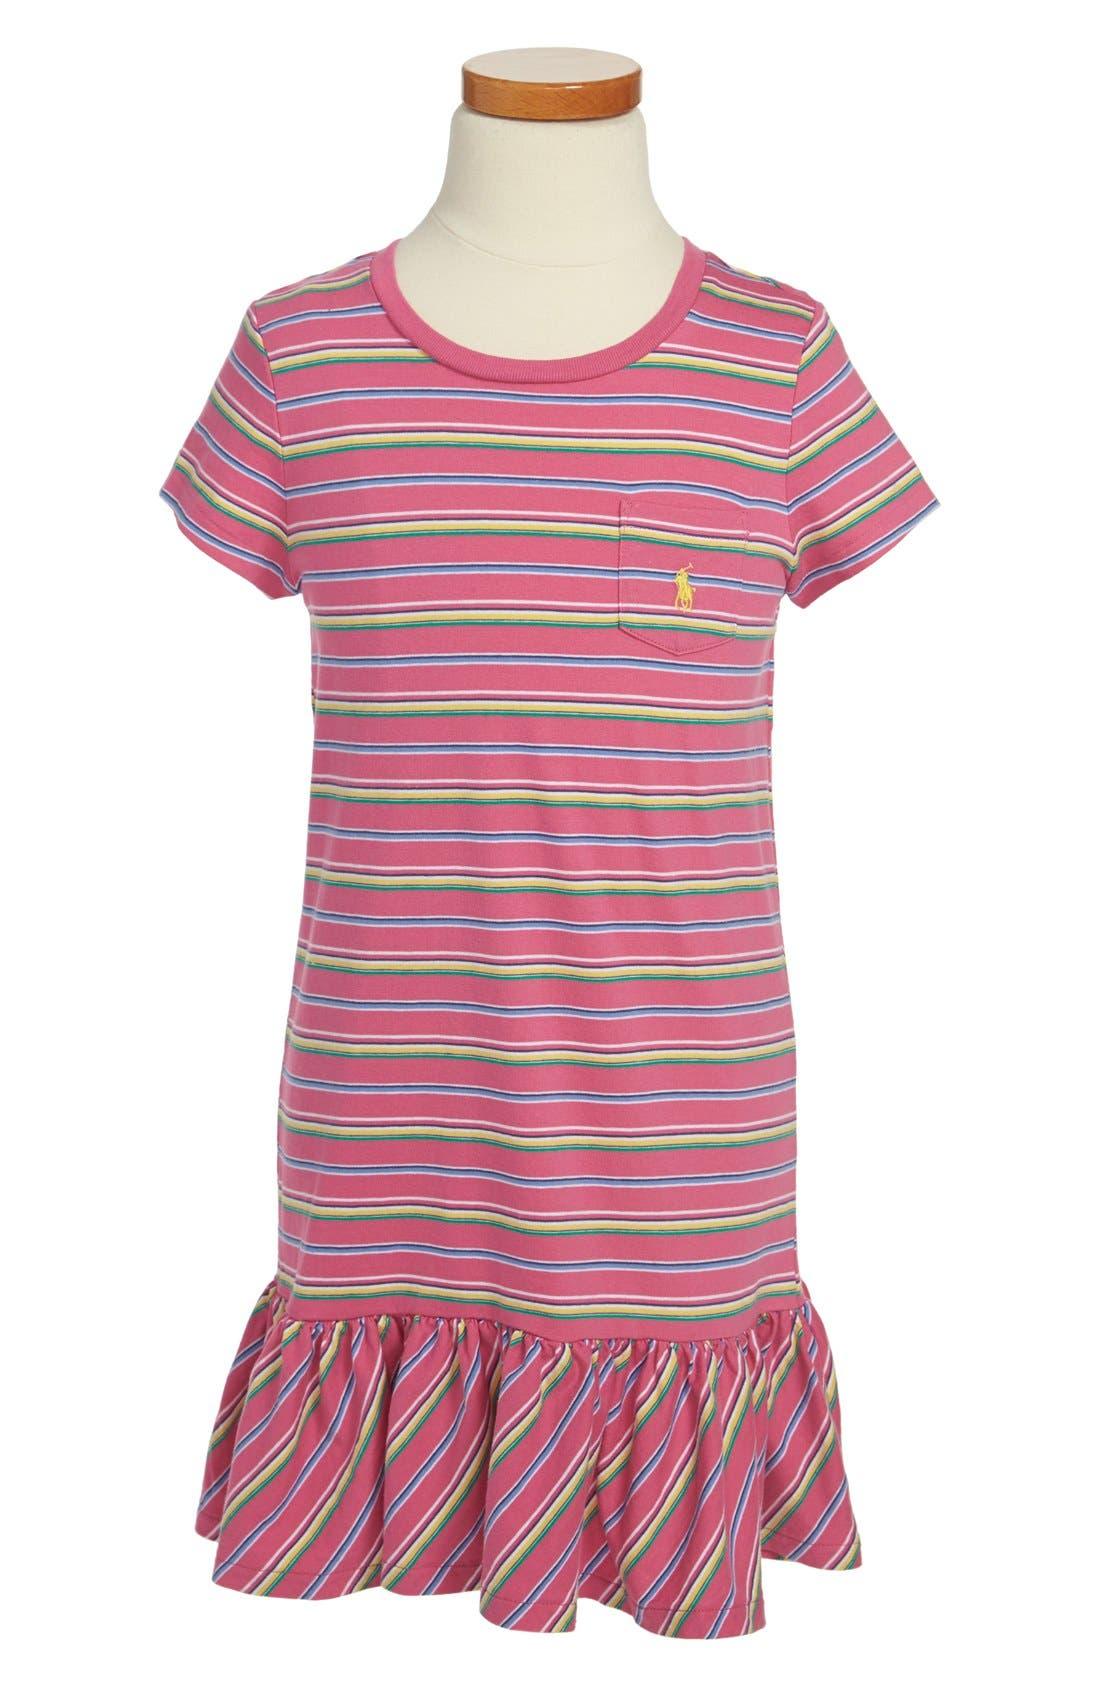 Main Image - Ralph Lauren Stripe T-Shirt Dress (Little Girls)